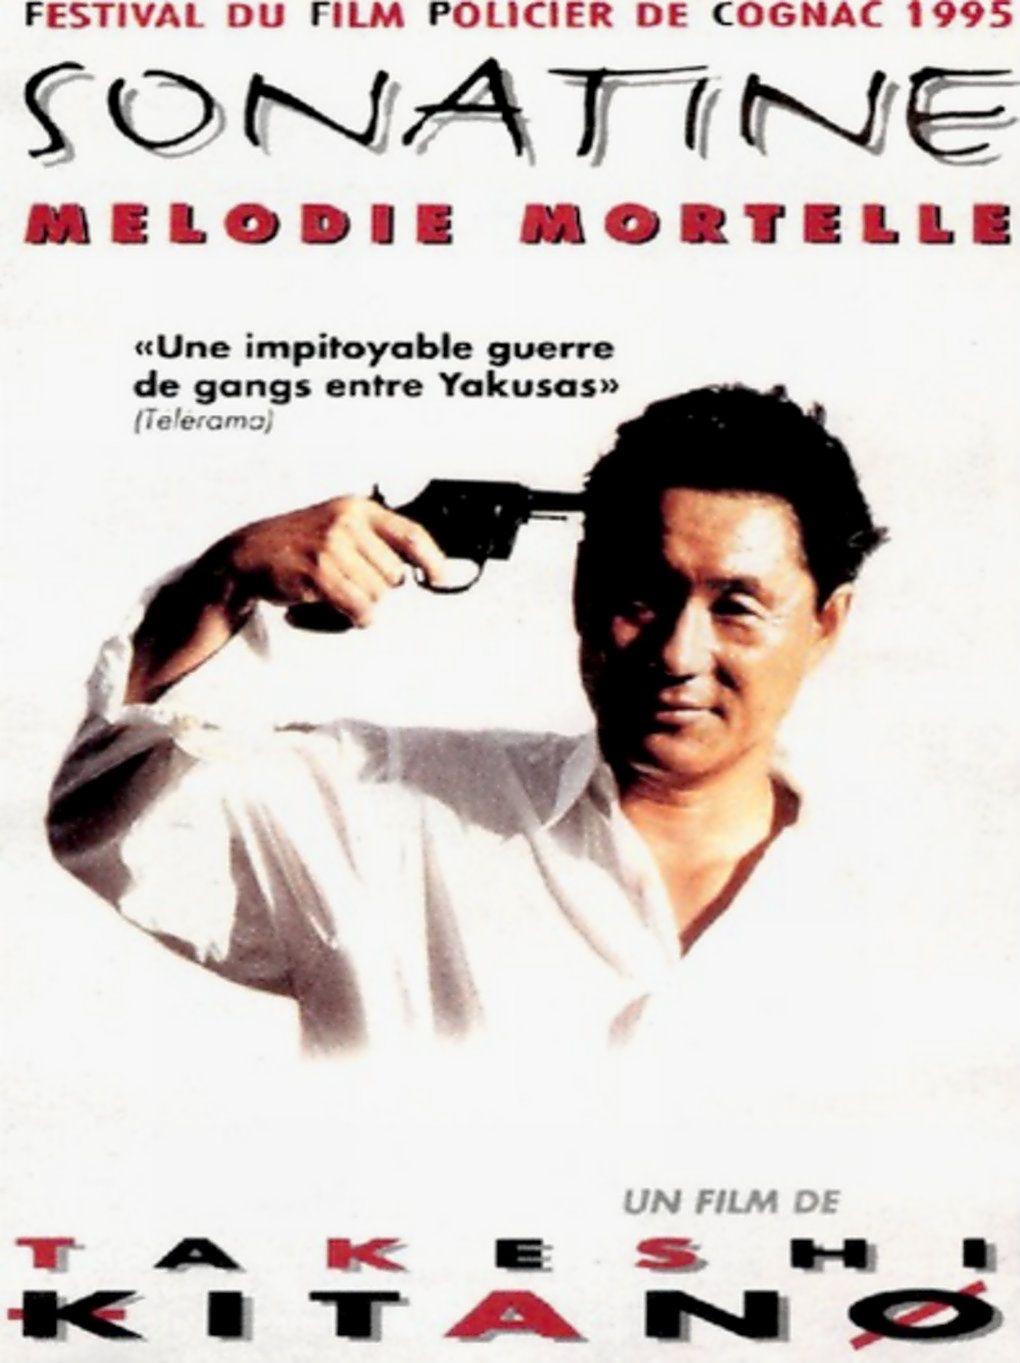 Votre dernier film visionné Sonatine_melodie_mortelle